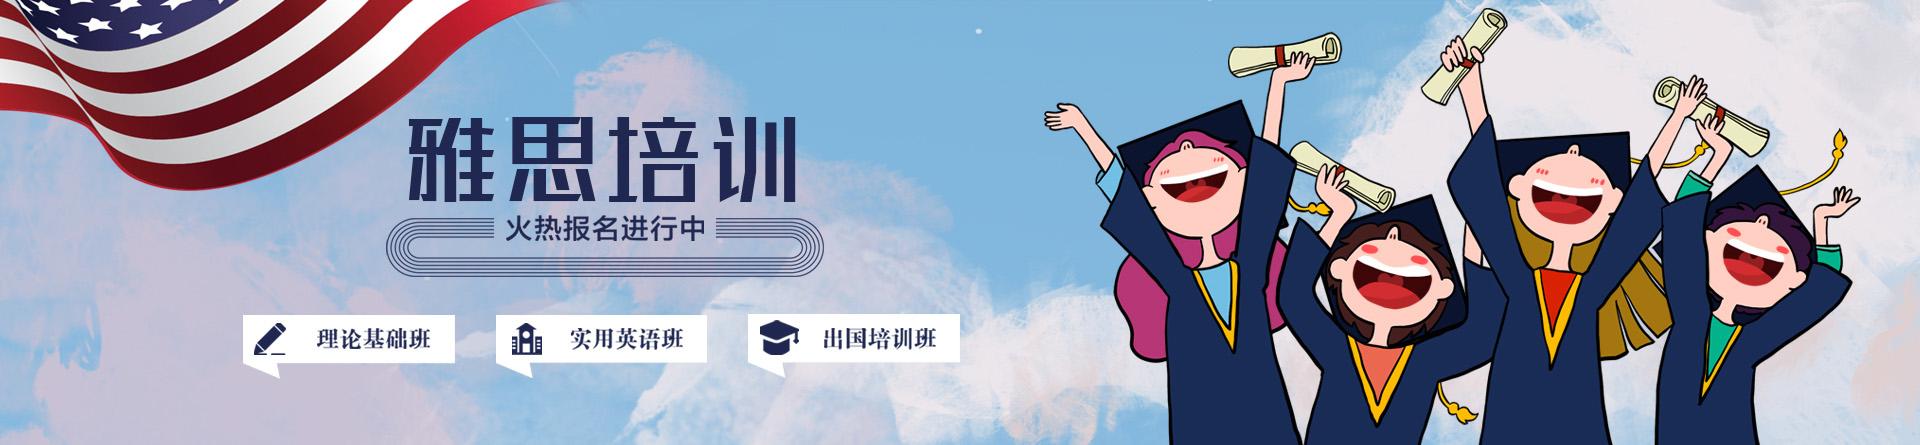 广州东鸣轩新航道英语培训